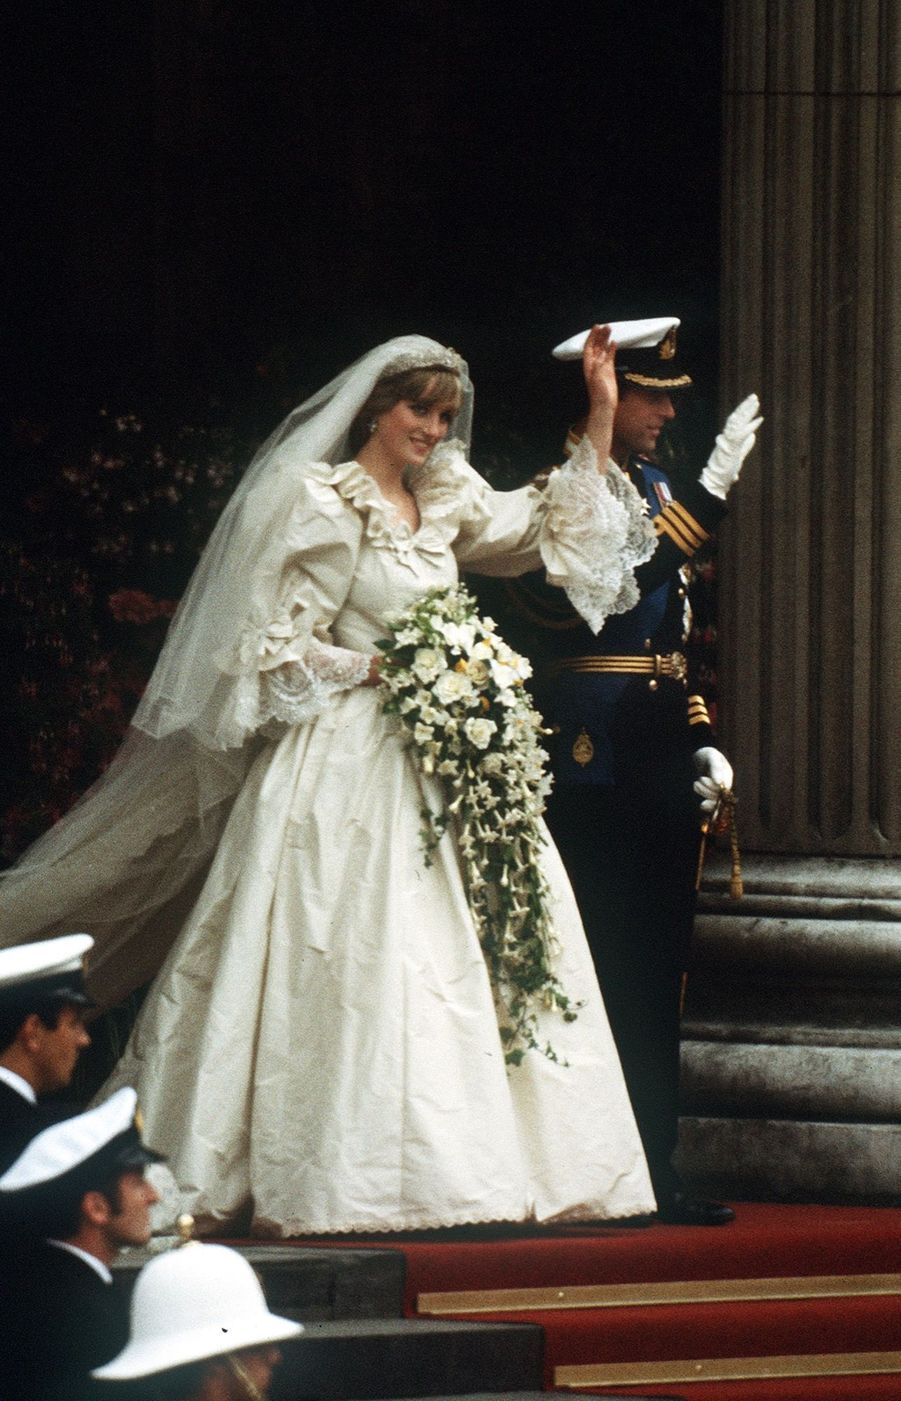 Le mariage de Diana Spencer avec le prince Charles, photographié par Jayne Fincher, le 29 juillet 1981.